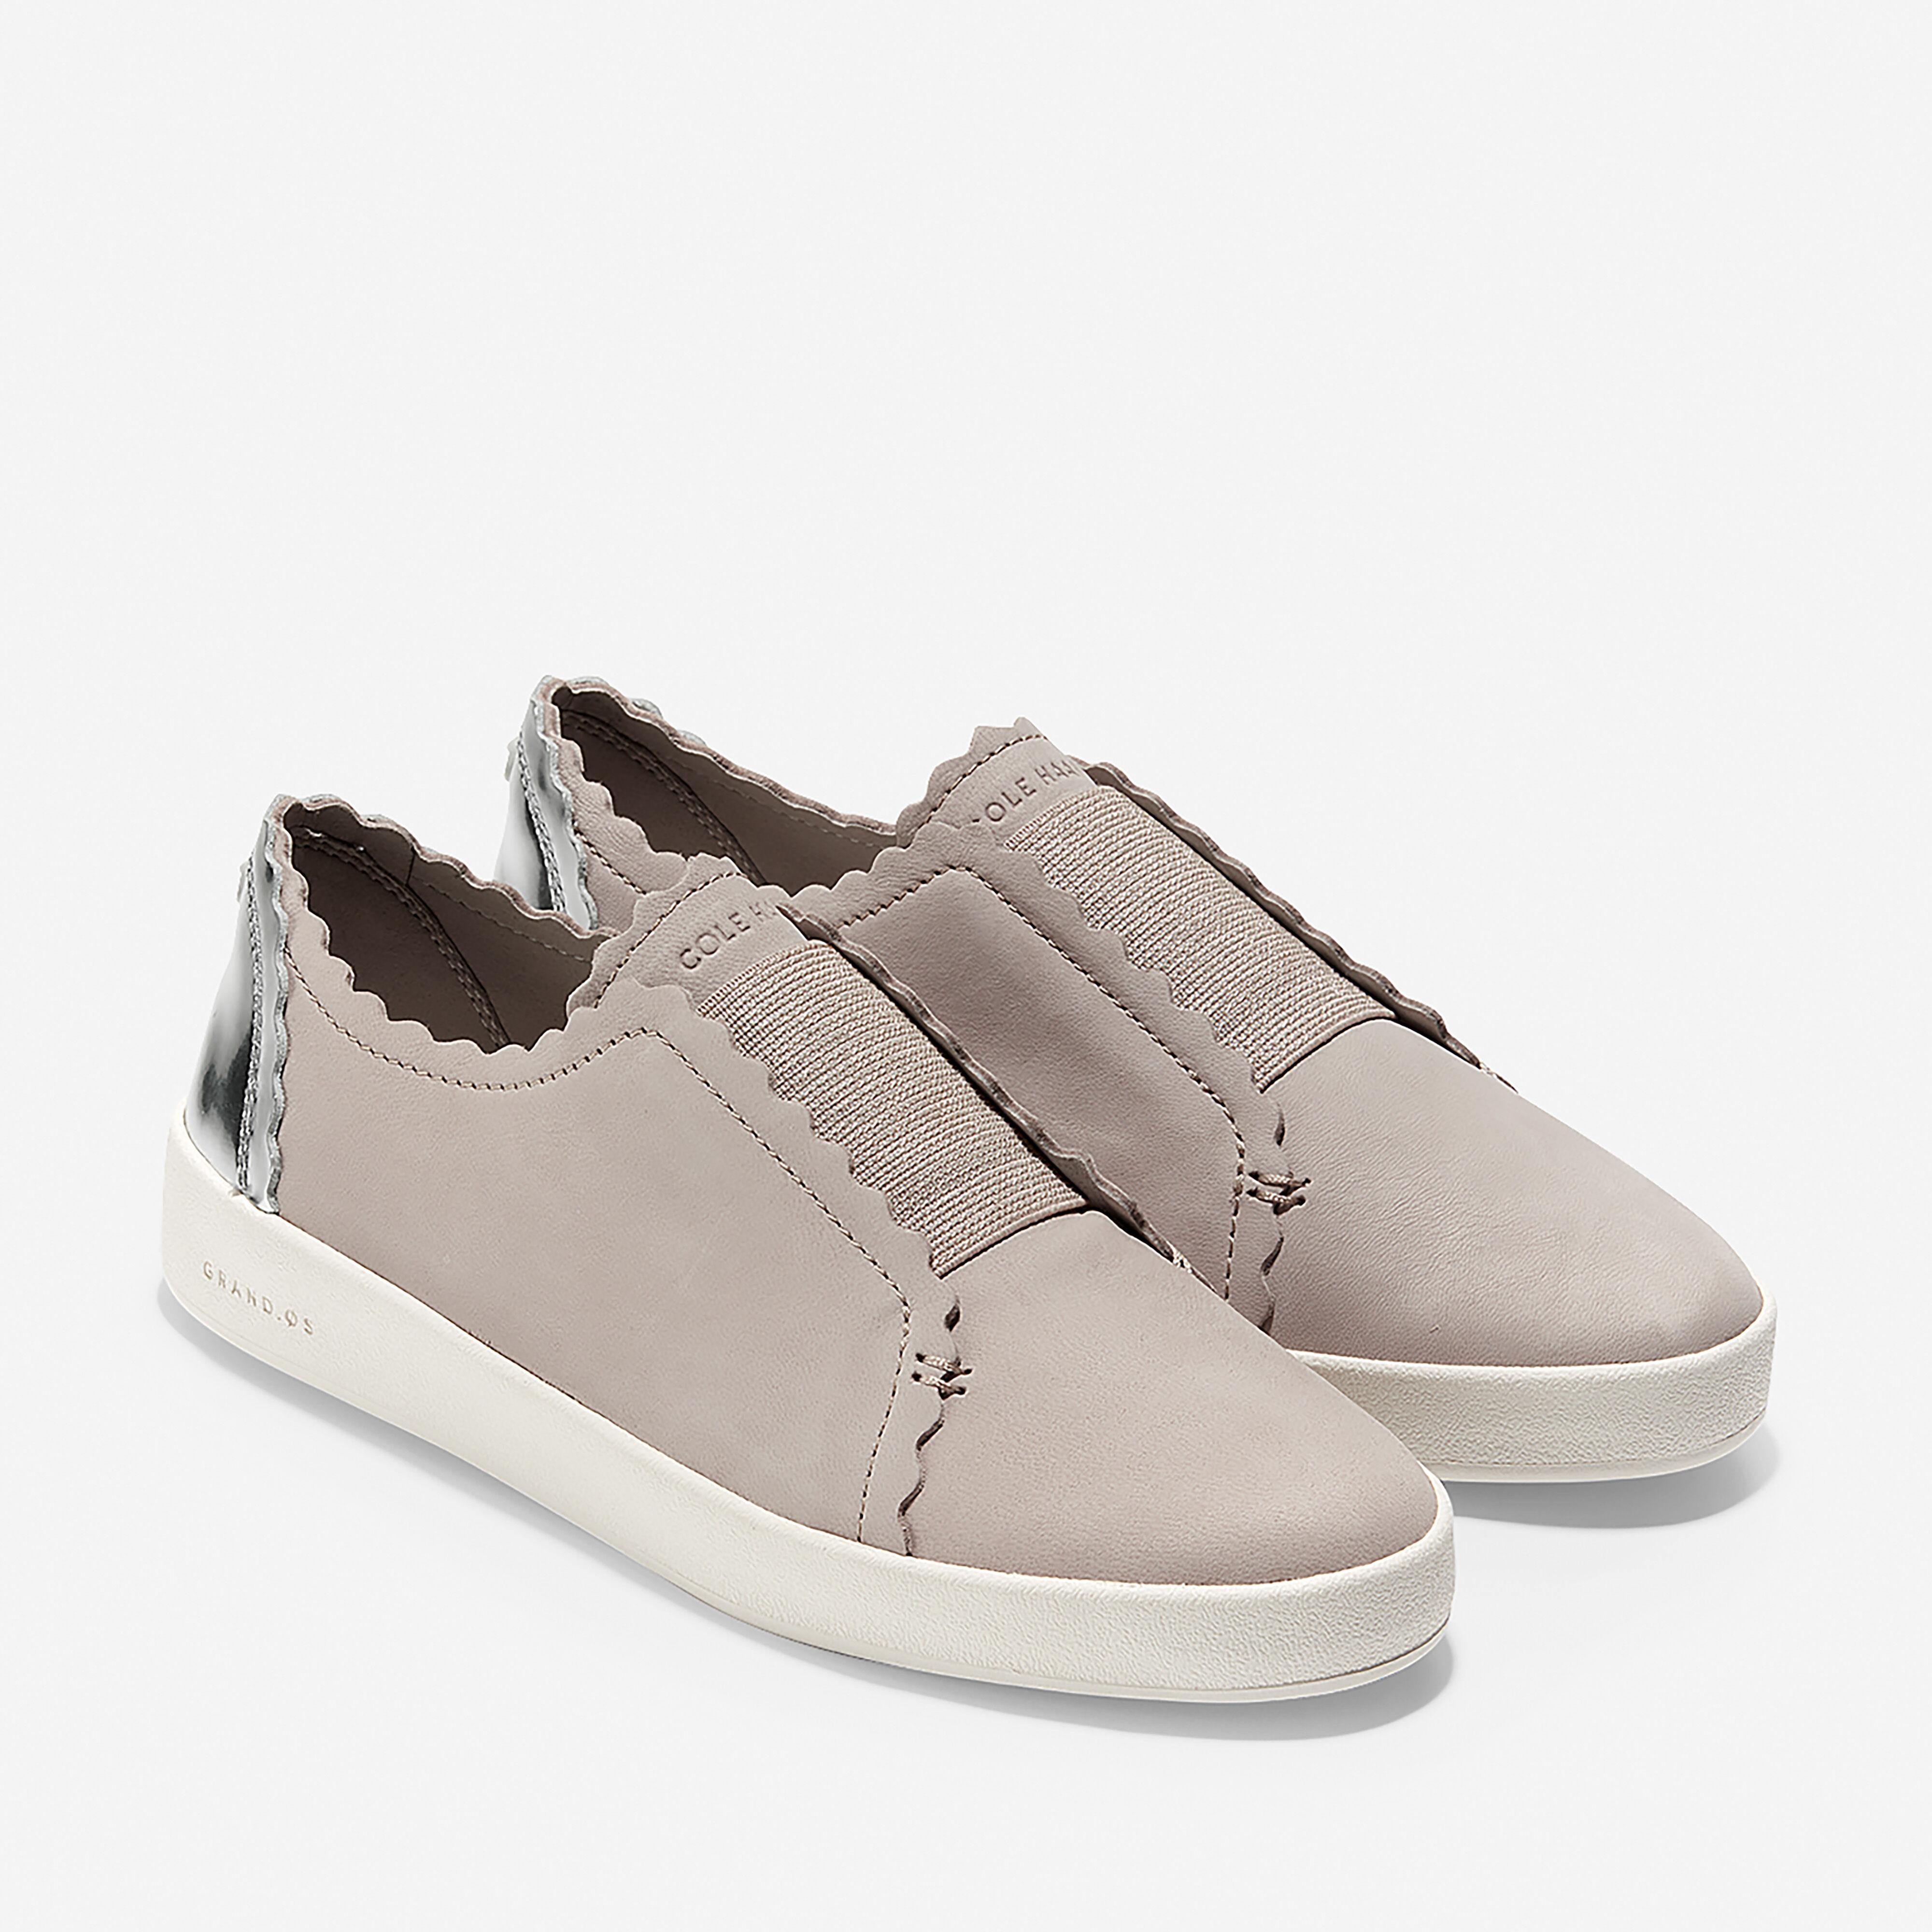 Spectator Scalloped Slip-On Sneaker